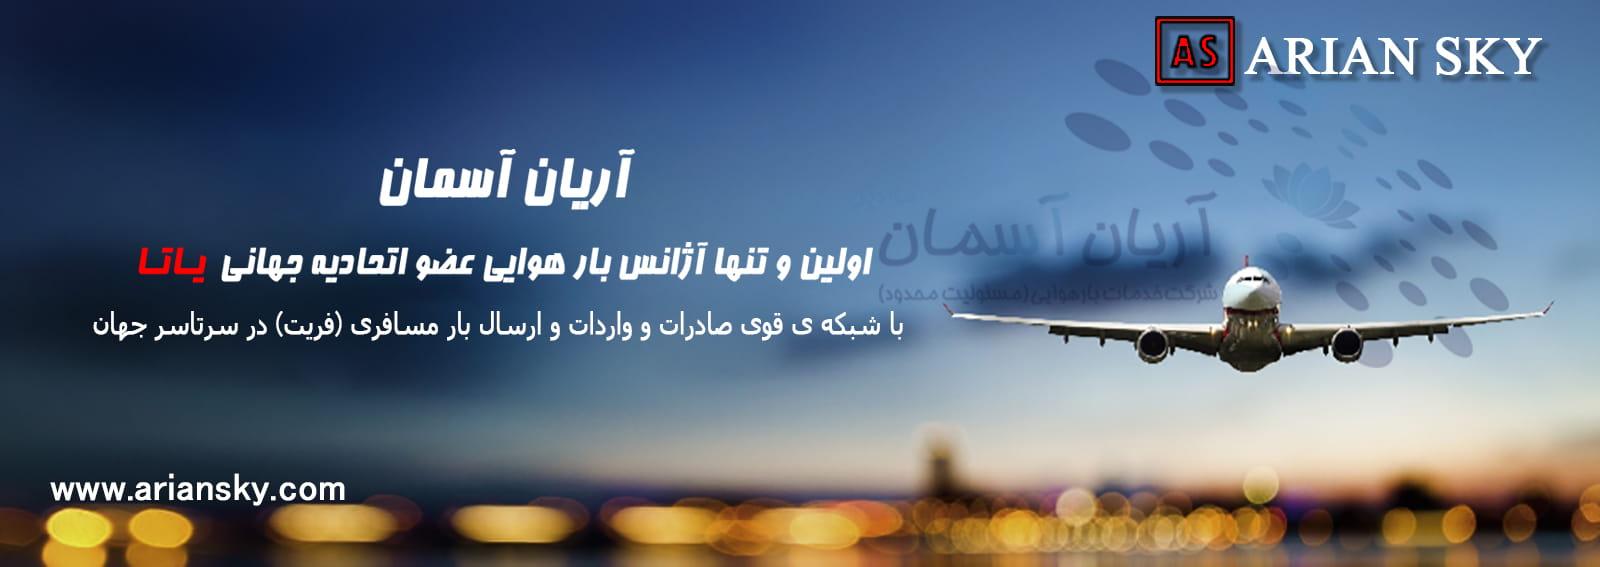 آریان آسمان ارسال بار هوایی مسافری ، فریت بار، ترخیص و واردات ، صادرات کالای تجاری  و بسته بندی تخصصی کالا برای ارسال بار با هواپیما